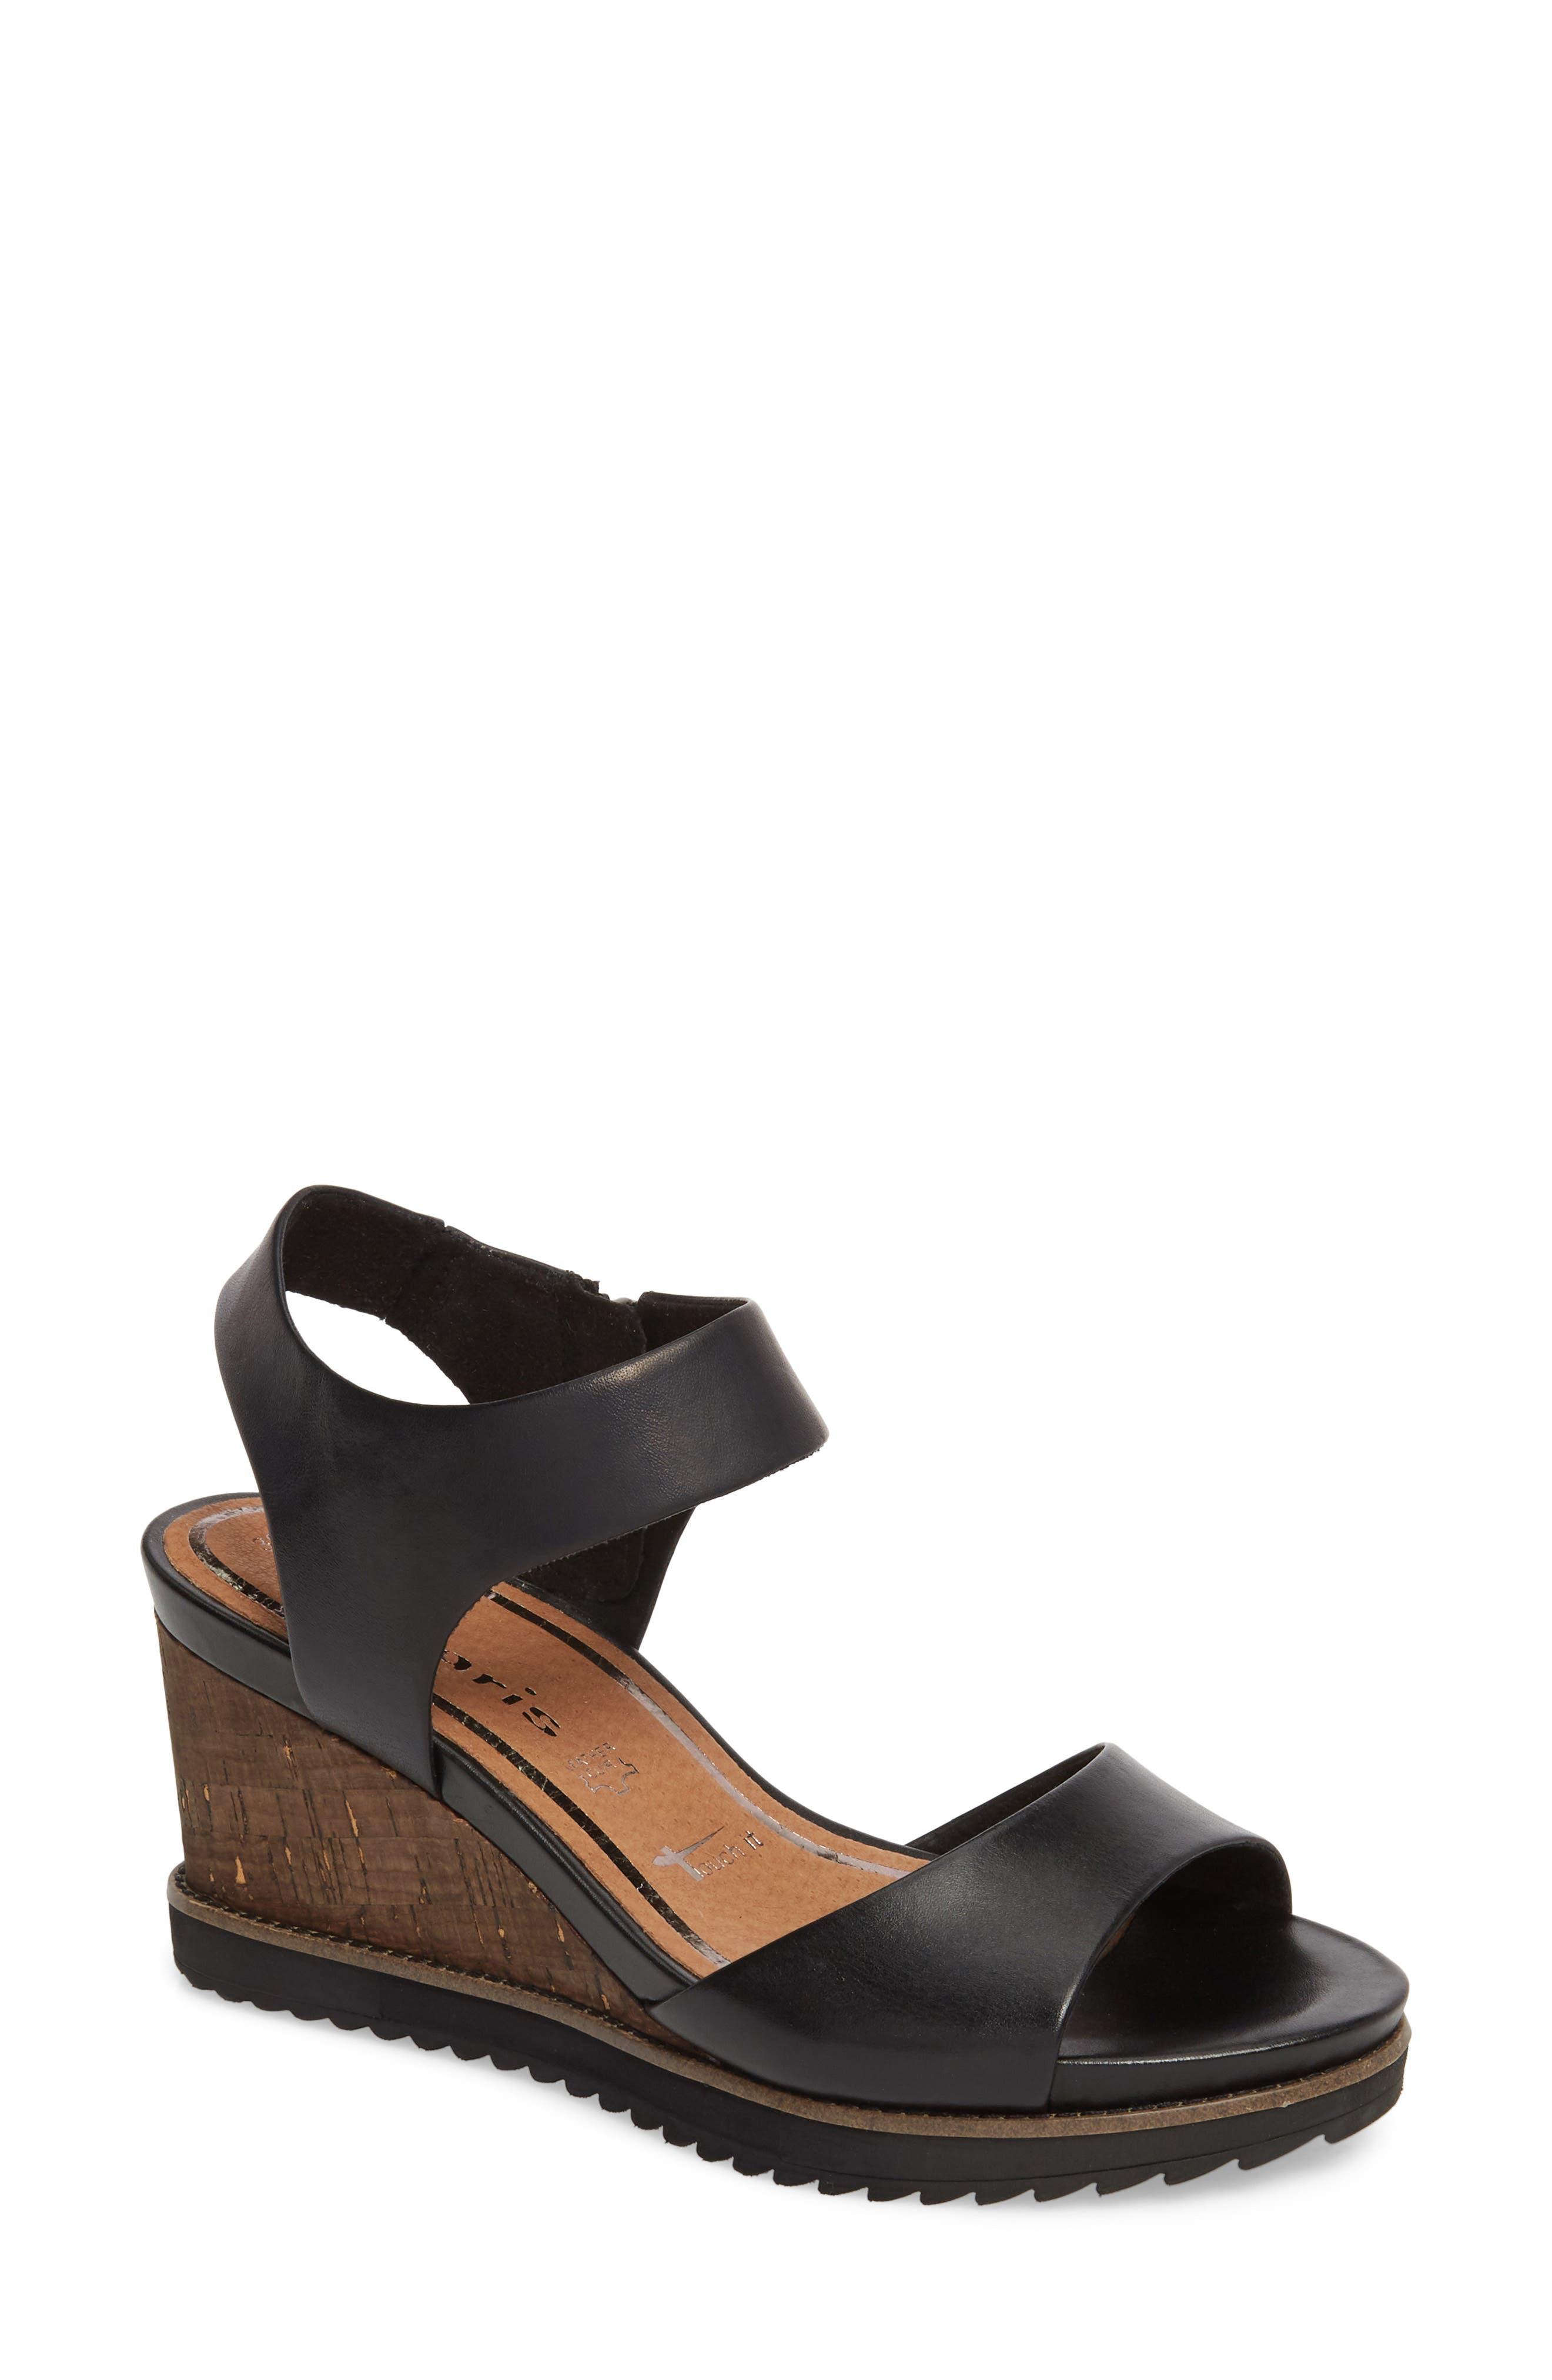 'Alis' Lug Sole Wedge Sandal,                             Main thumbnail 1, color,                             003